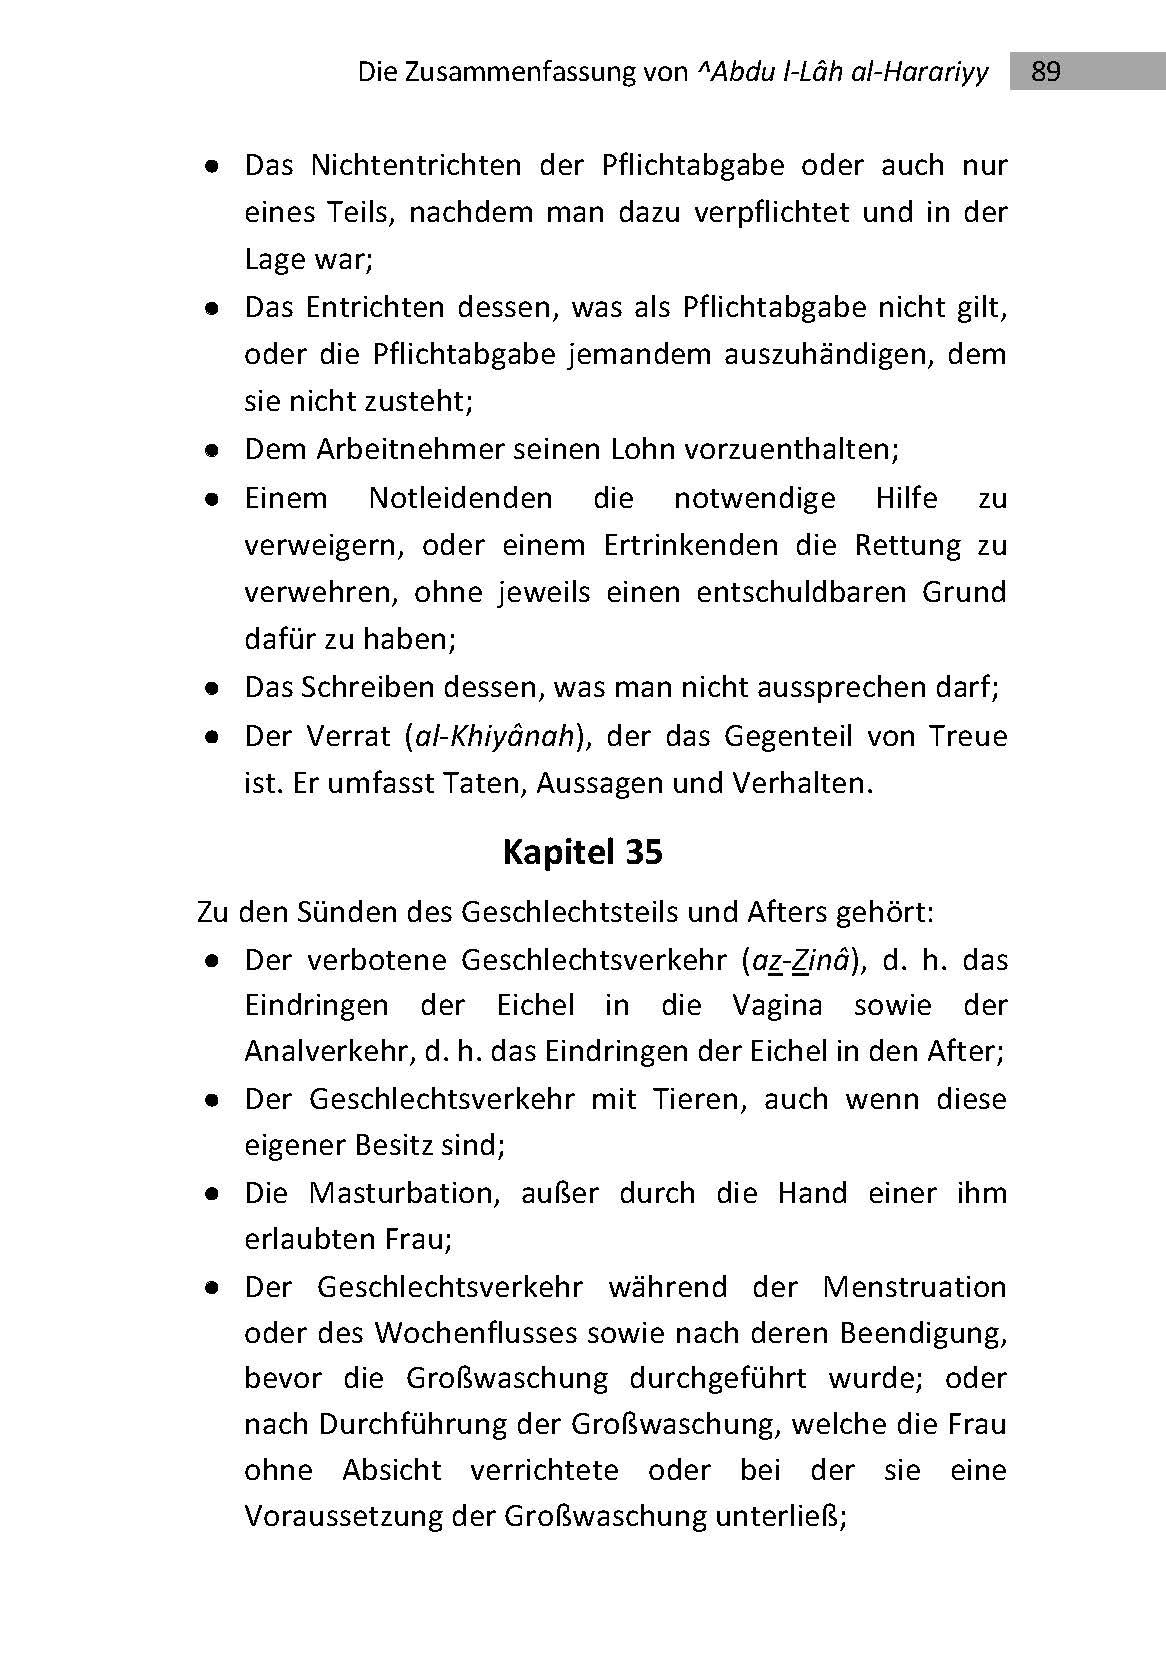 Die Zusammenfassung - 3. Auflage 2014_Seite_89